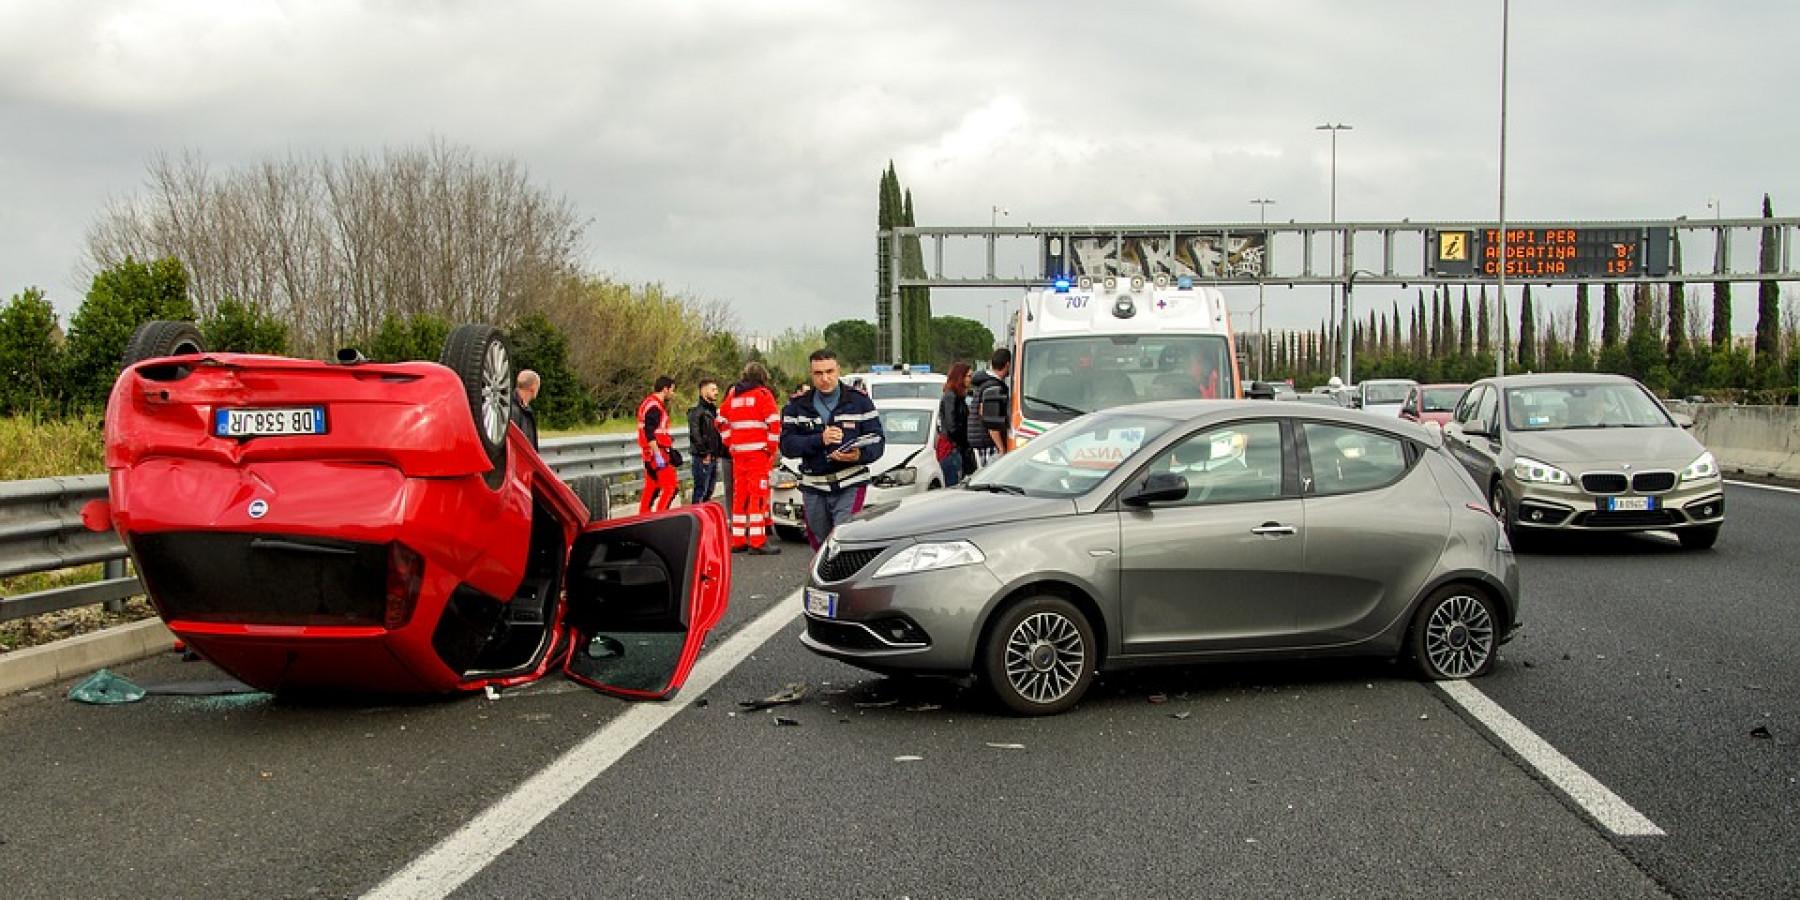 Fehler beim Fahrstreifenwechsel – Unfall mit sechs Pkw